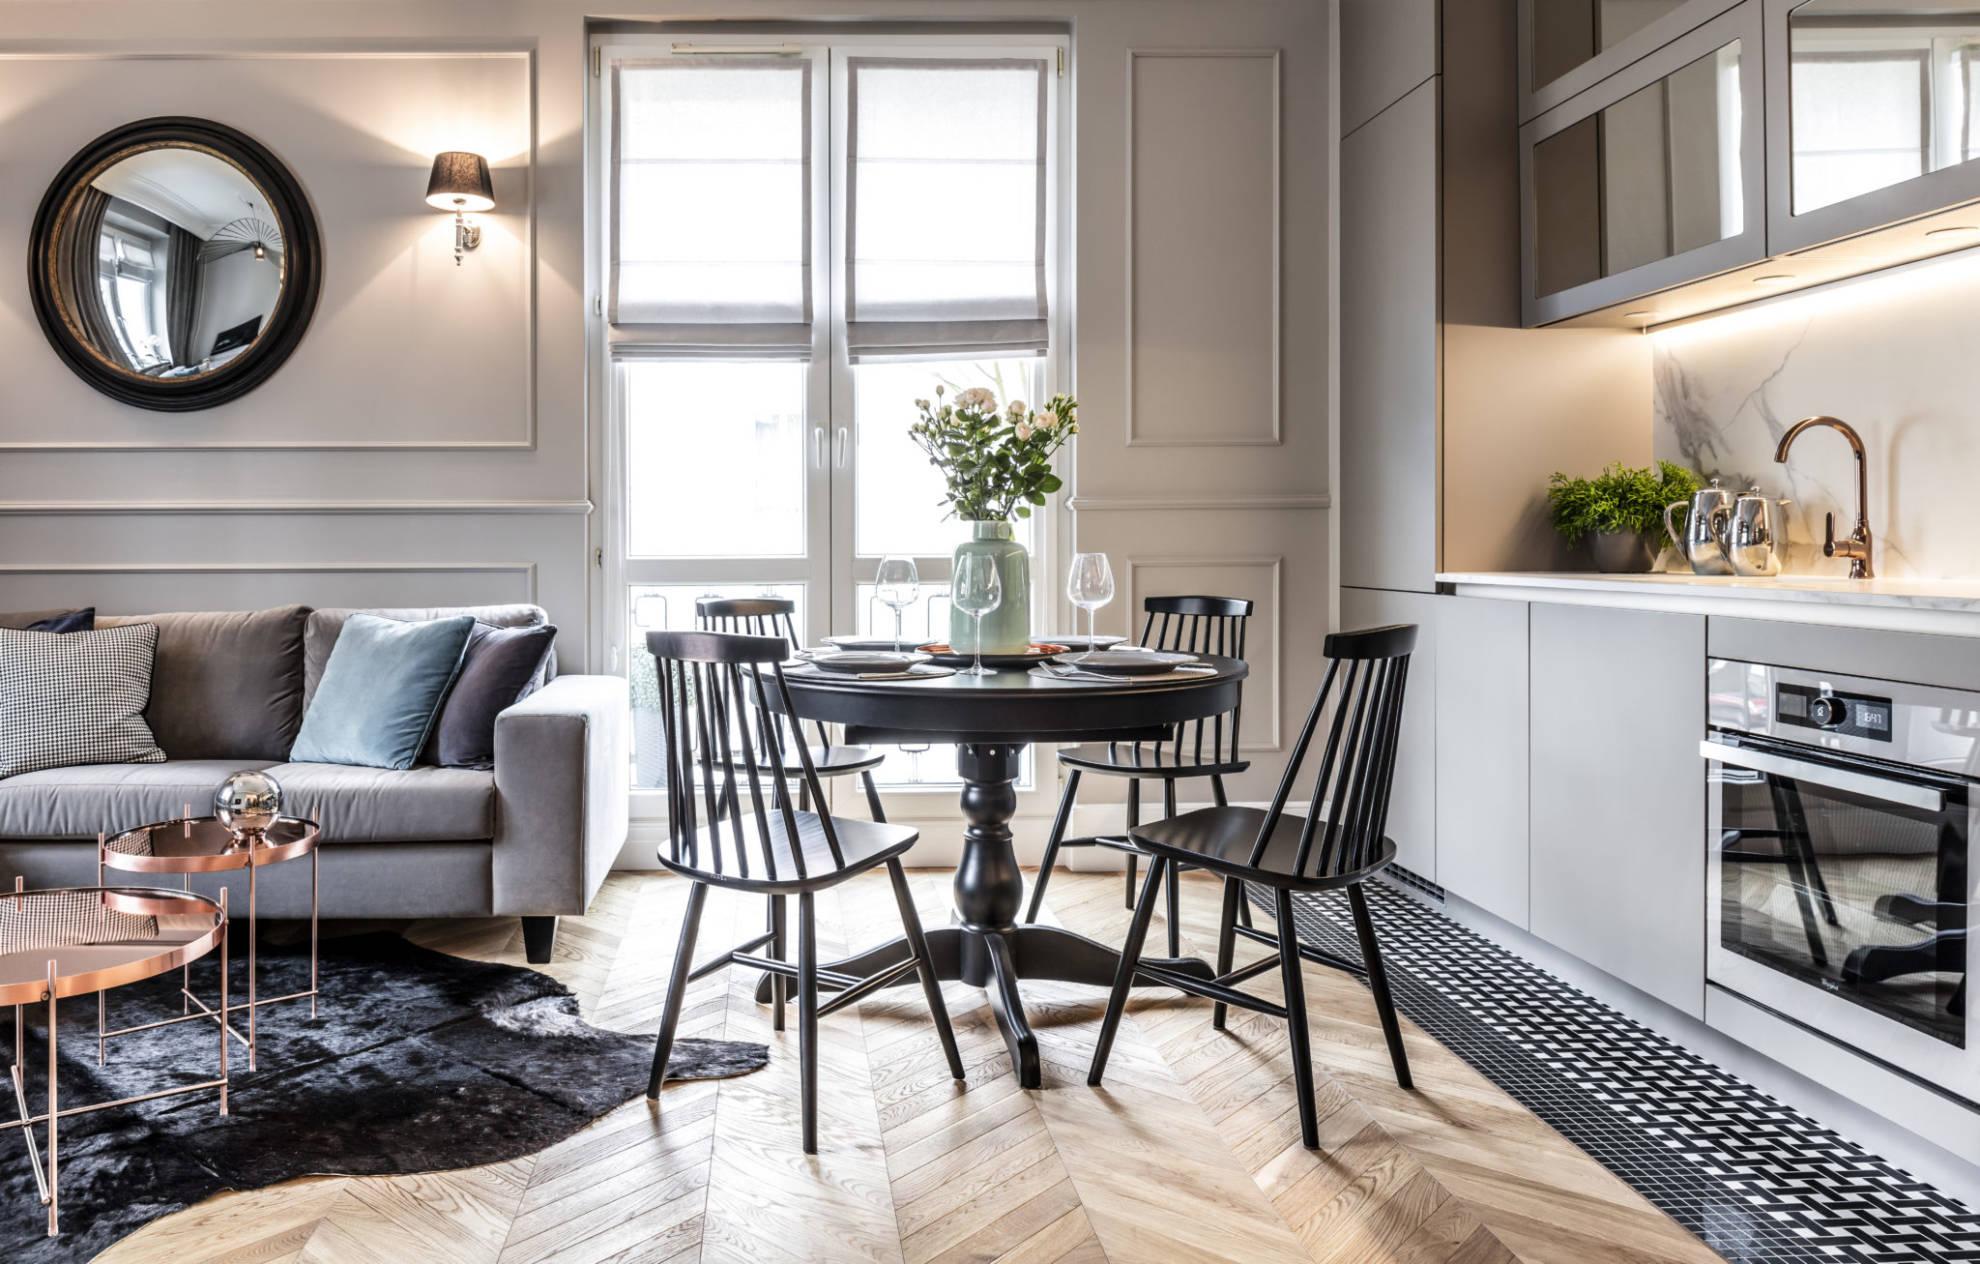 Aranżacja salonu i jadalni w mieszkaniu w kamienicy - projekt architekt wnętrz Emilia Strzempek Plasun, realizacja SAS Wnętrza i Kuchnie